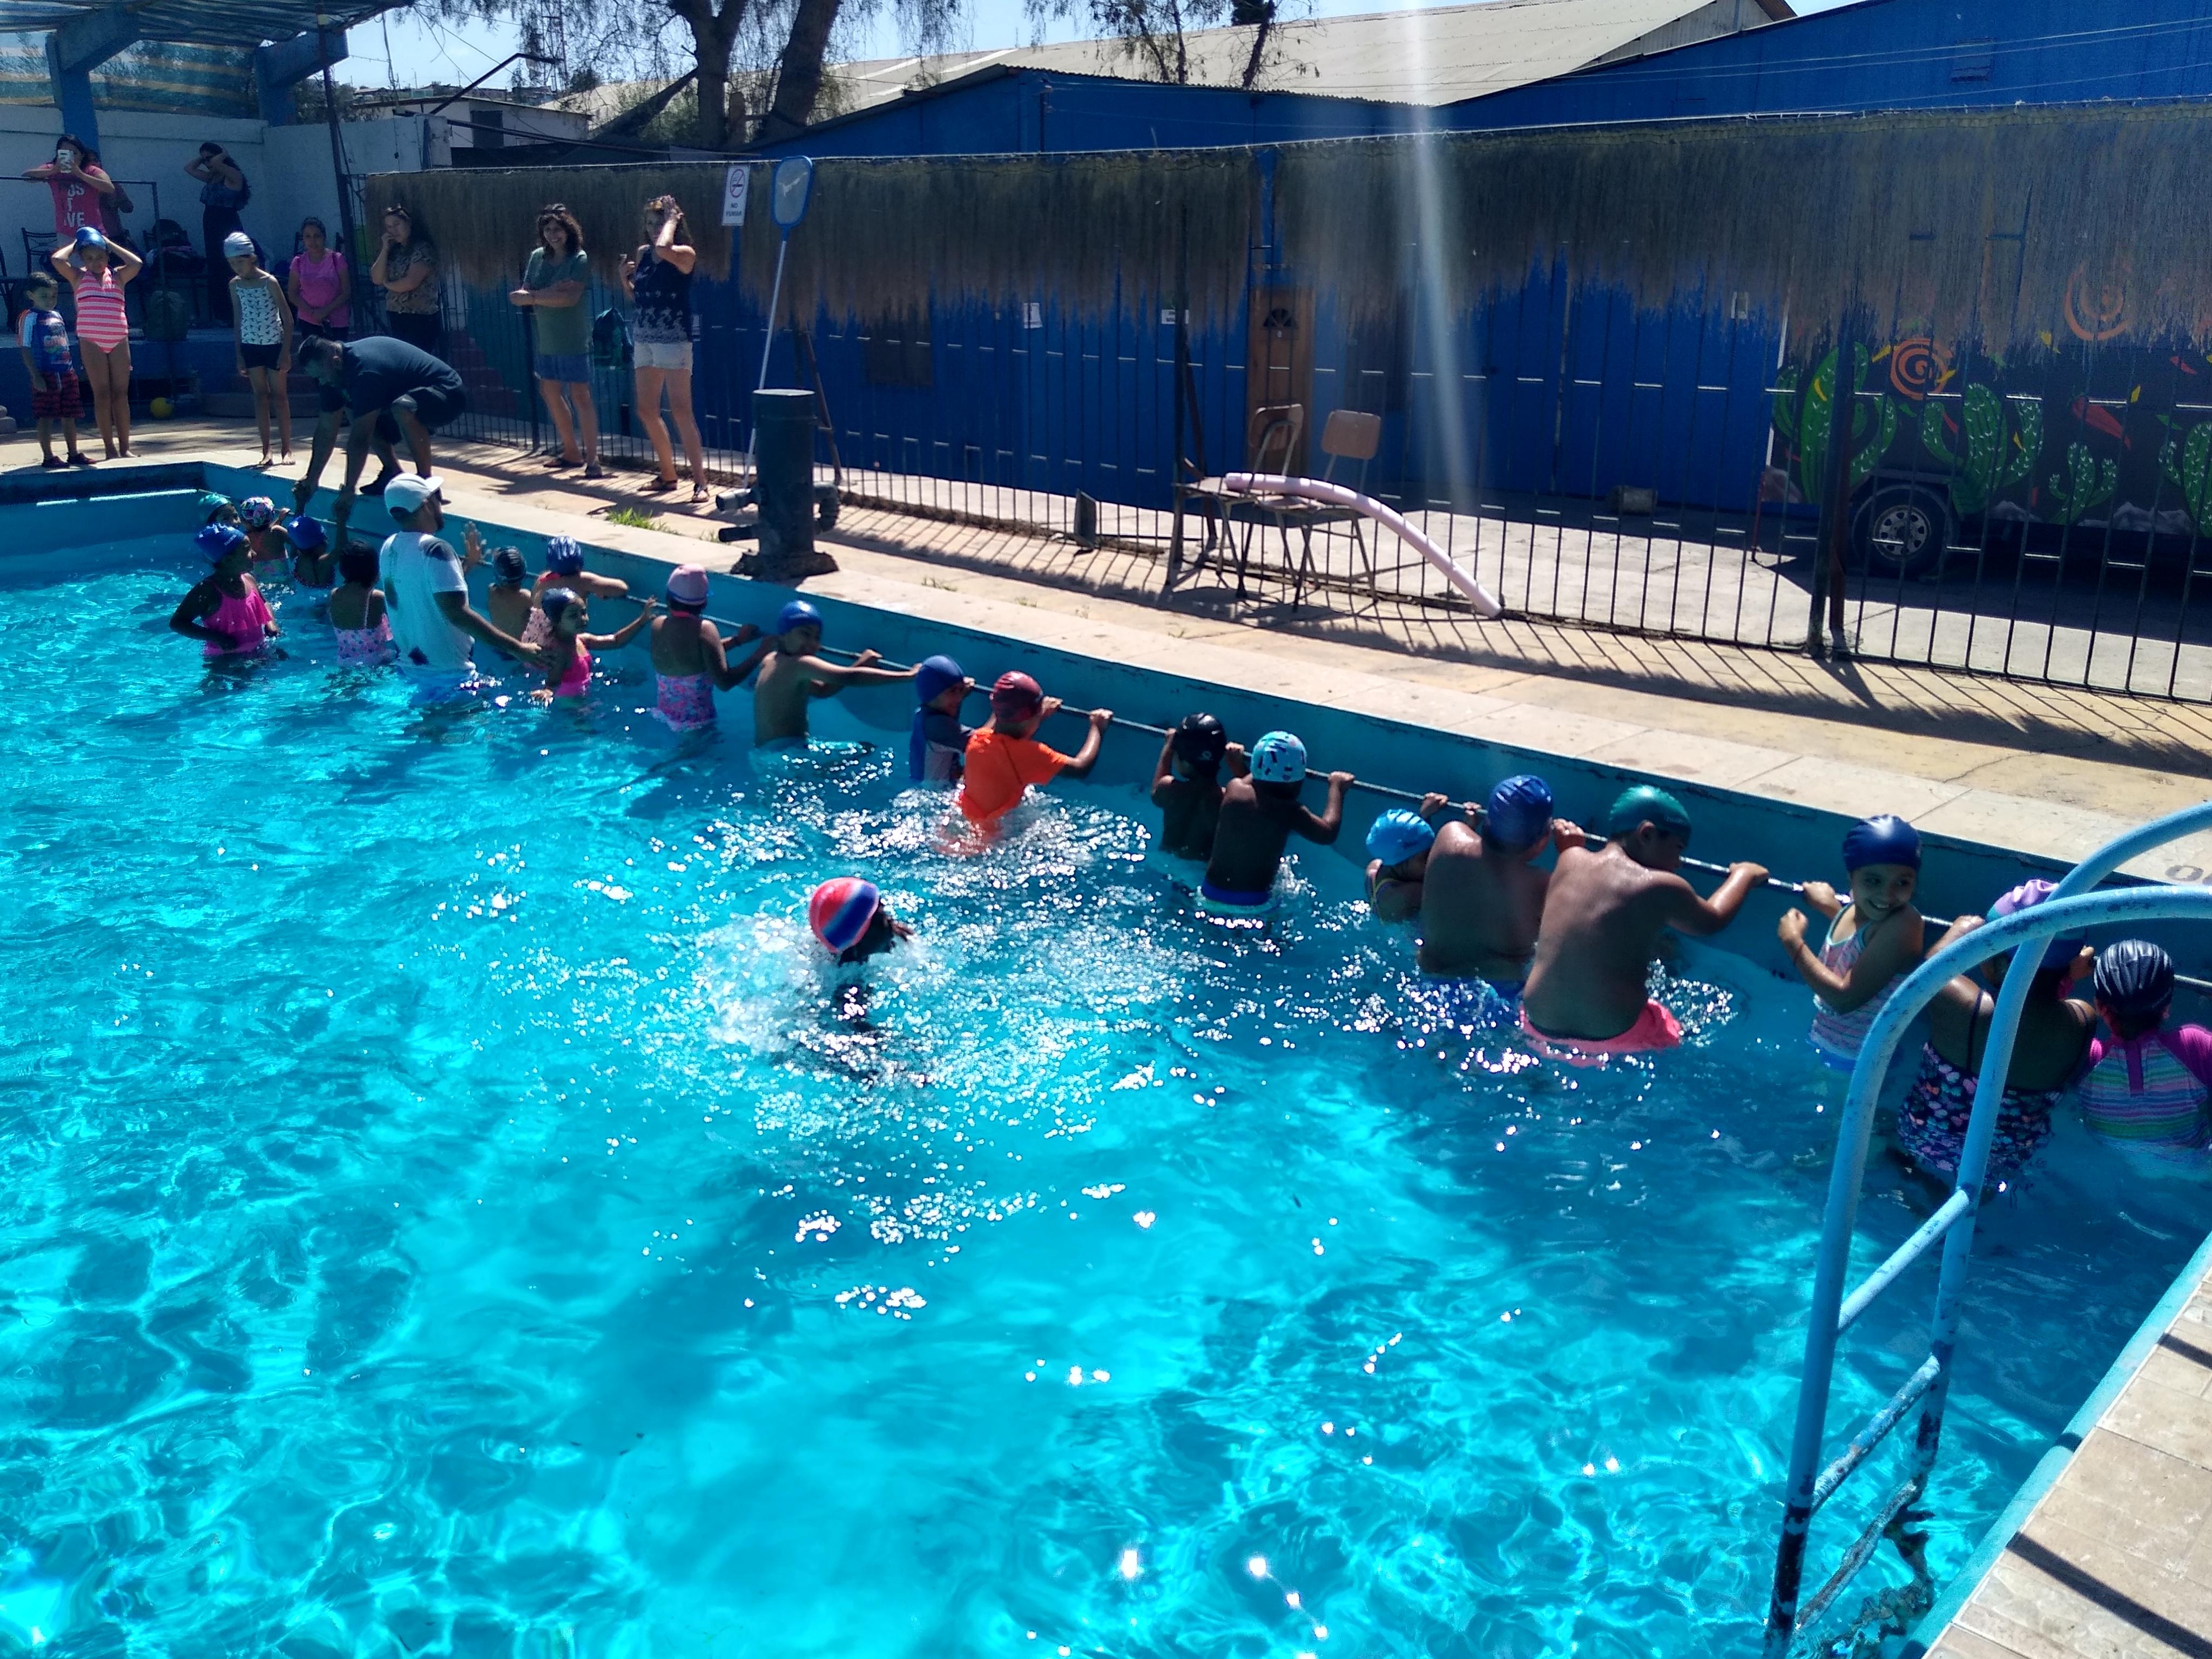 Comenzaron las clases gratuitas de natación en Vallenar